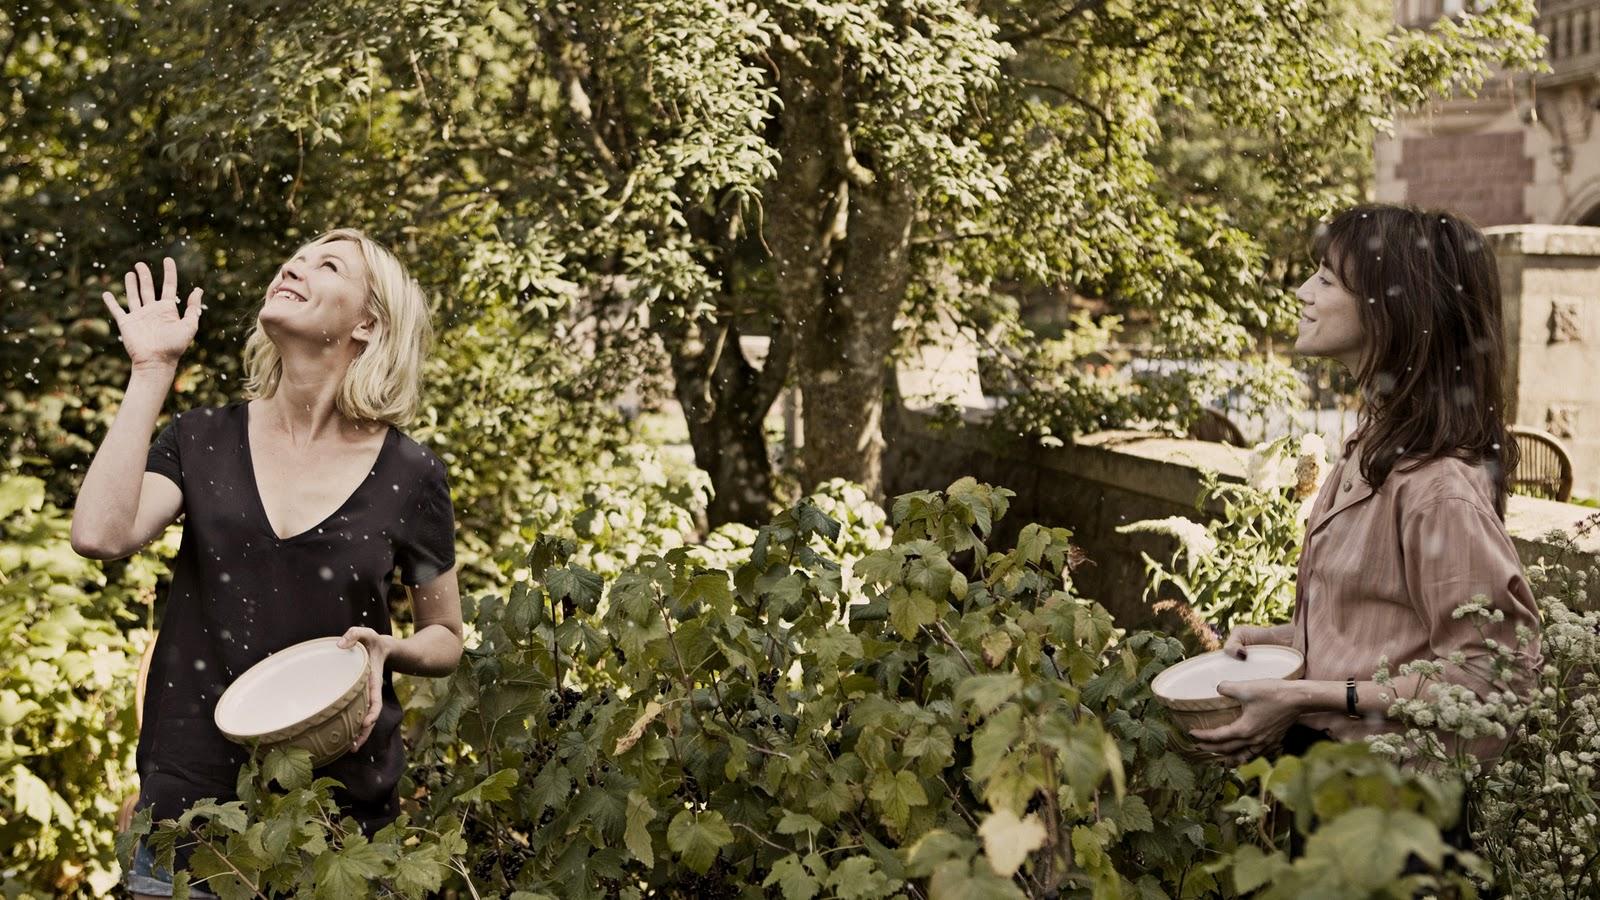 http://4.bp.blogspot.com/-QDGEfG1Zqxo/Trf1EDW5lrI/AAAAAAAAAb8/I1v-fxcMWm4/s1600/Melancholia-Still-Charlotte-Gainsbourg-Kirsten-Dunst.jpg